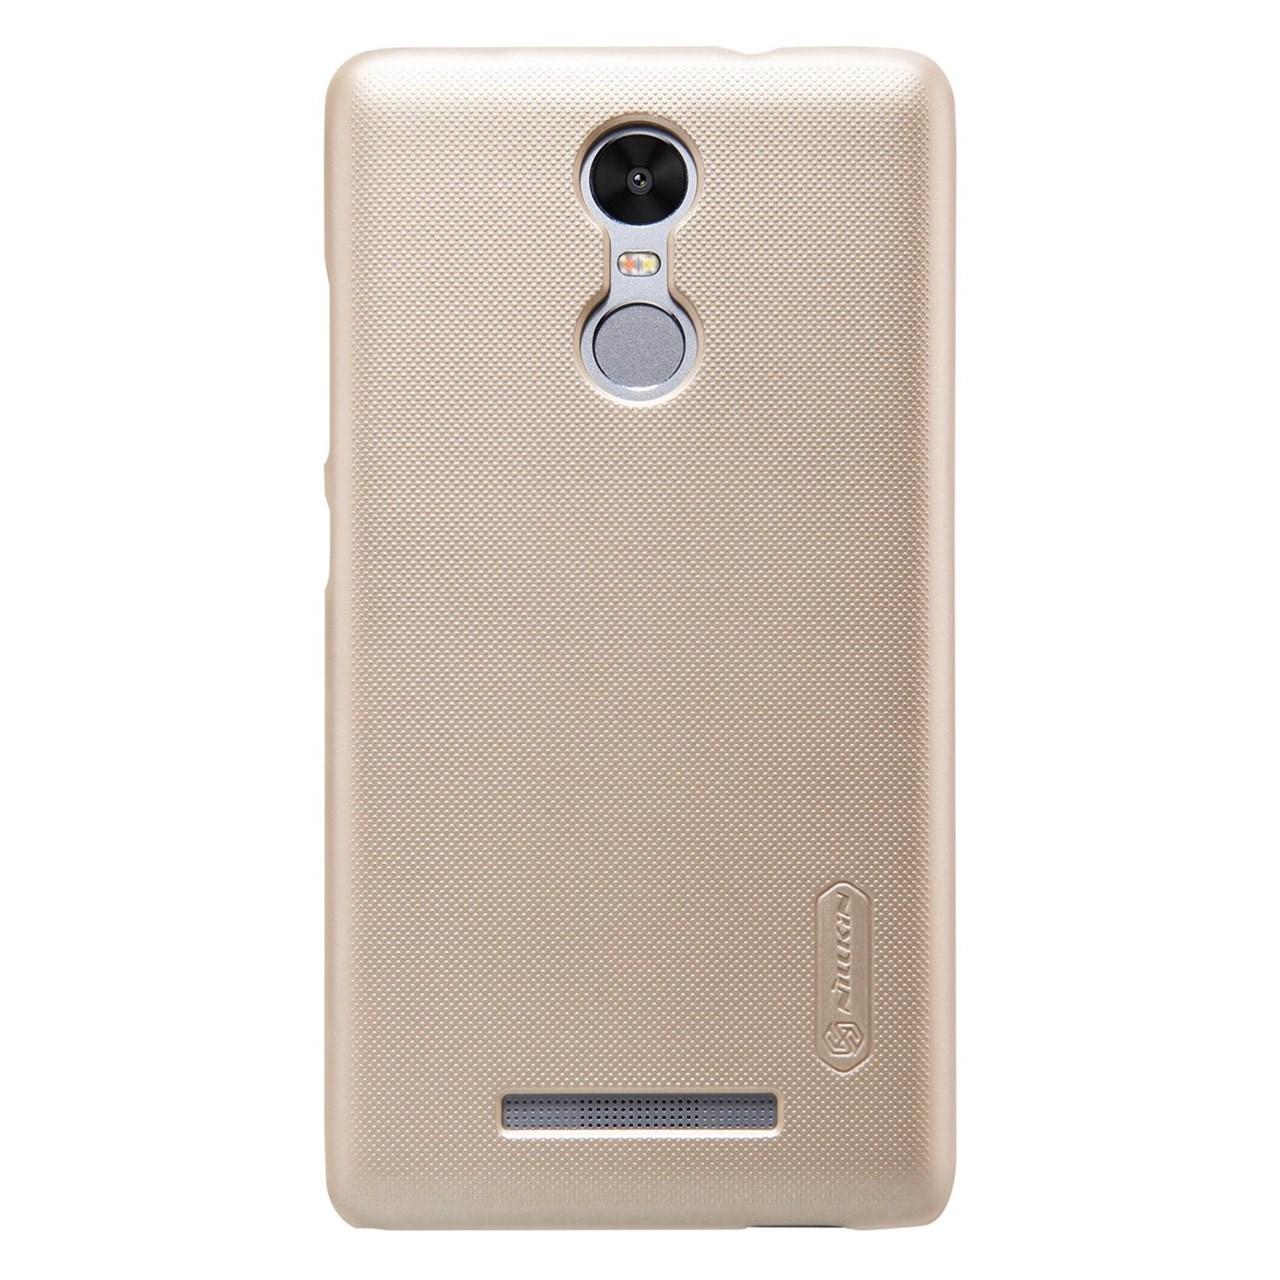 کاور نیلکین مدل Super Frosted Shield مناسب برای گوشی موبایل شیاومی Redmi Note 3